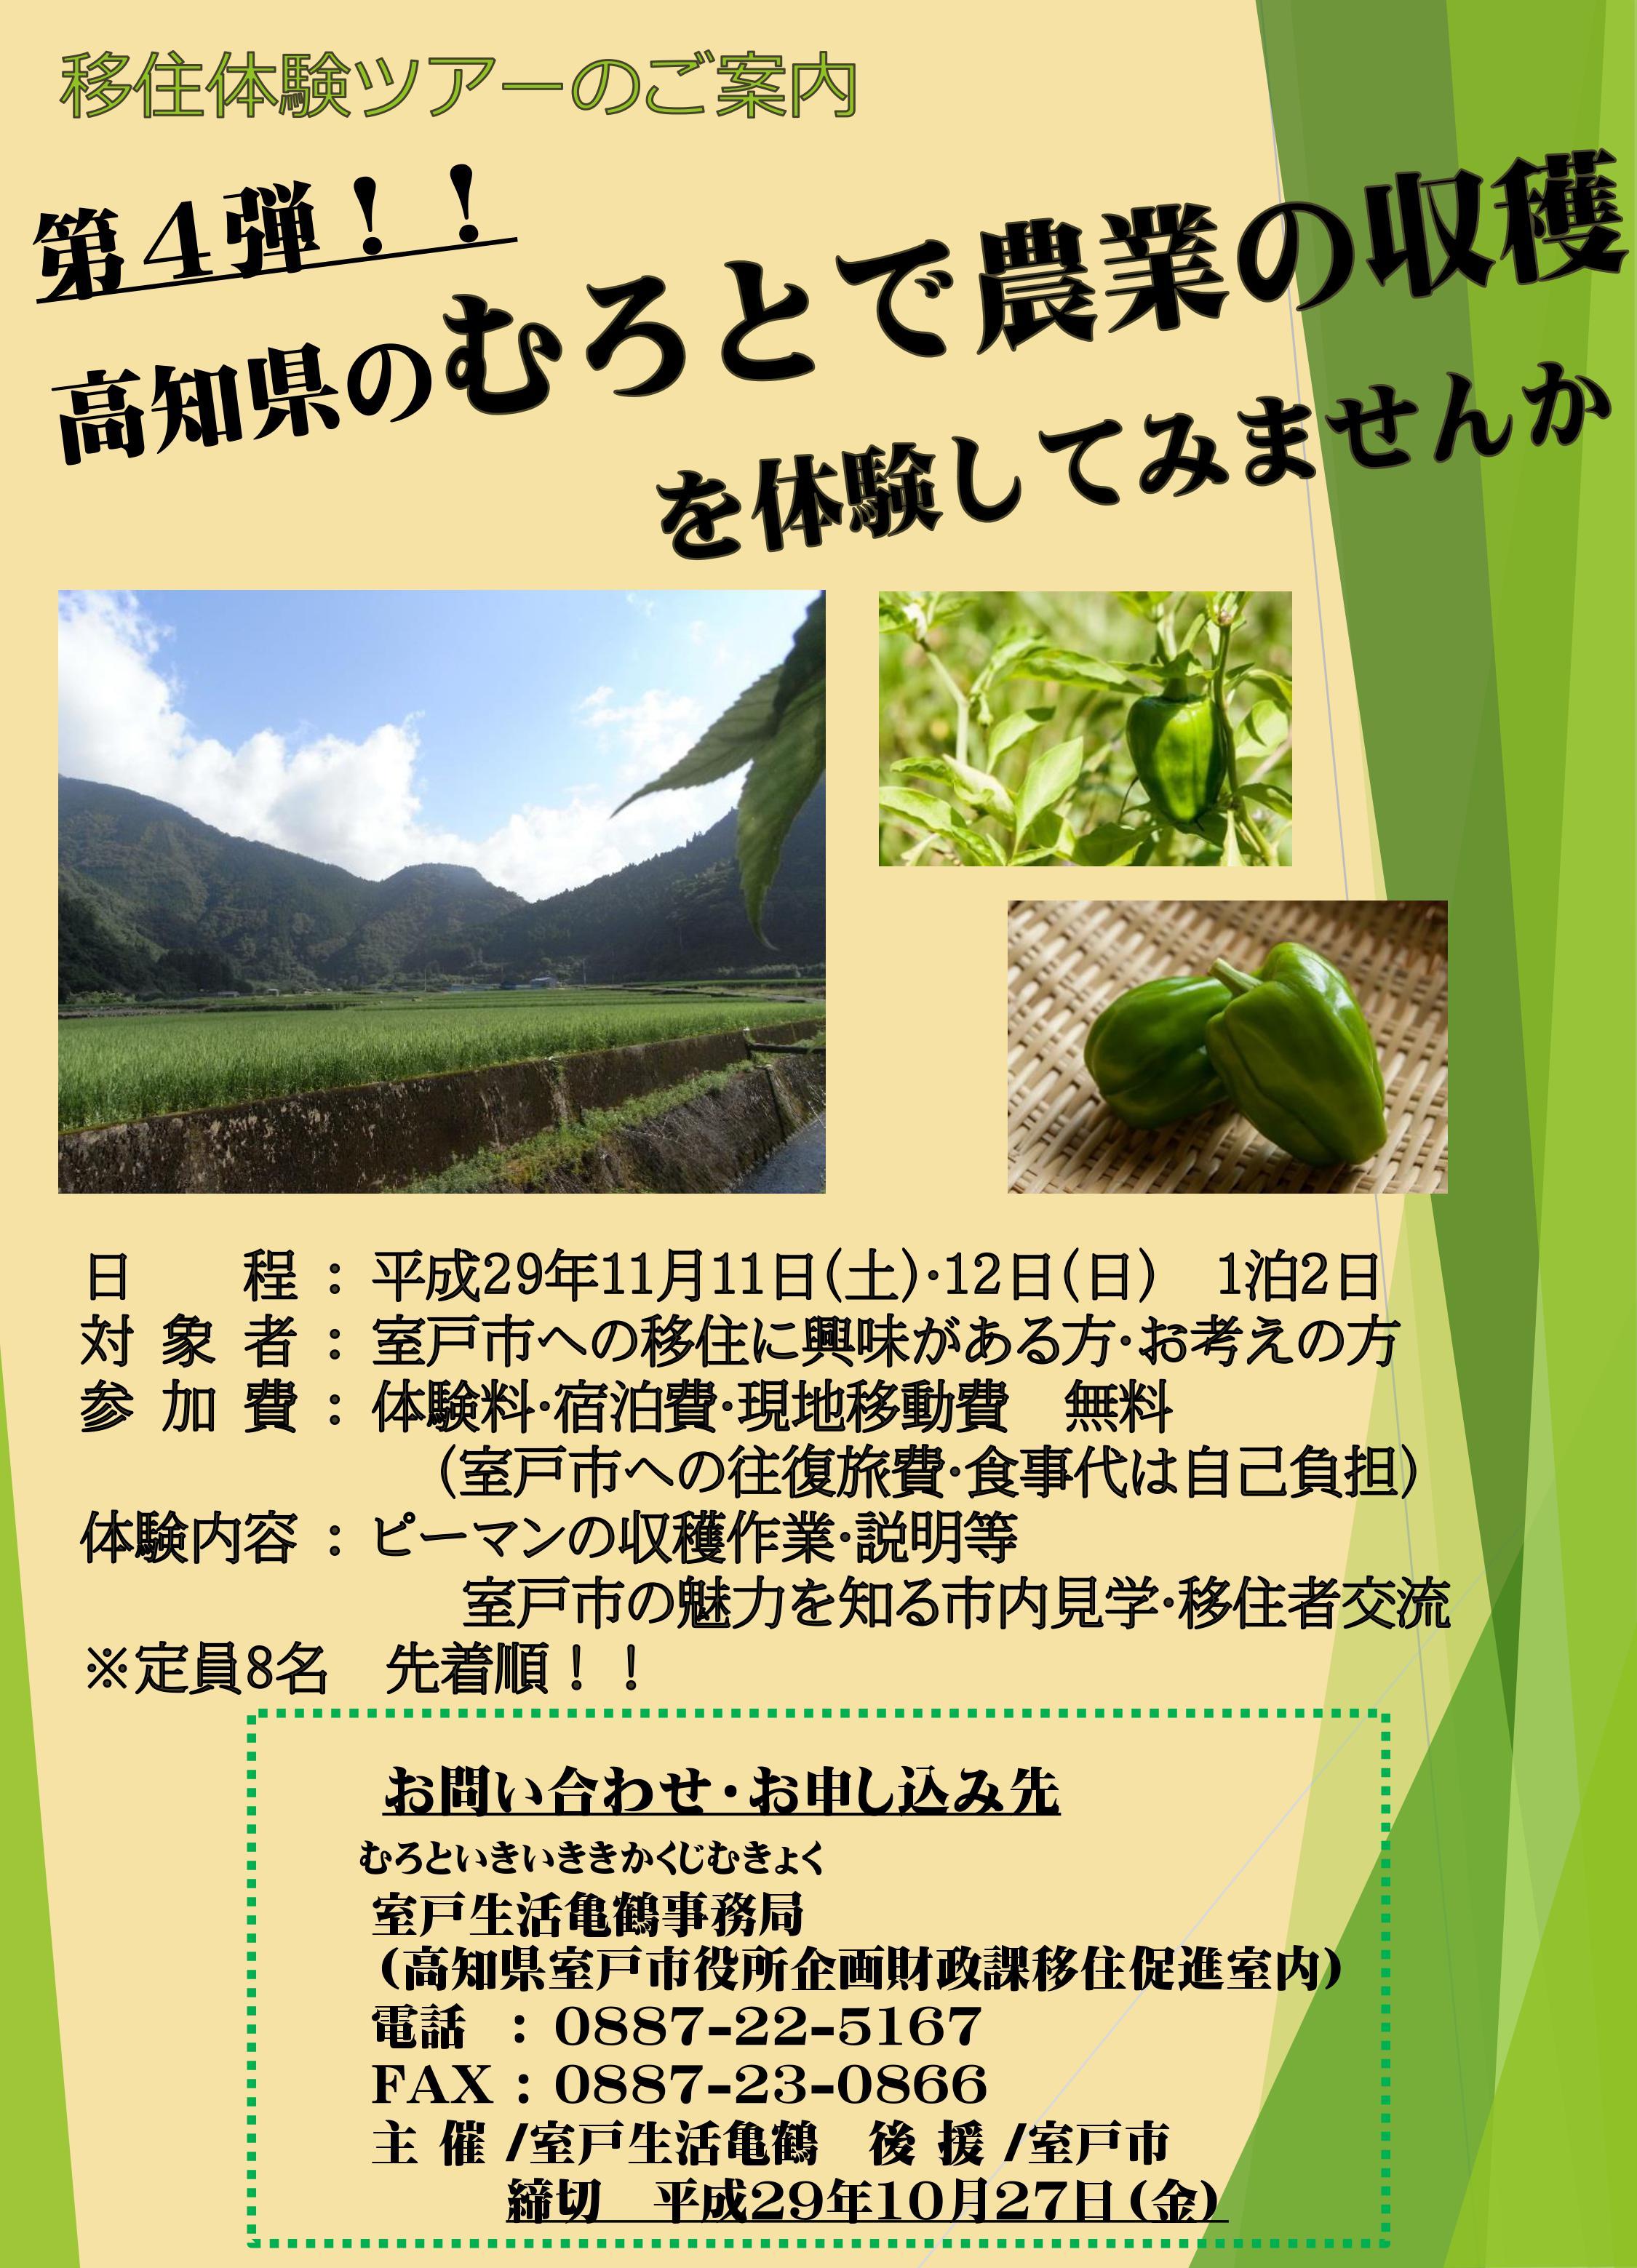 農業体験ツアー表